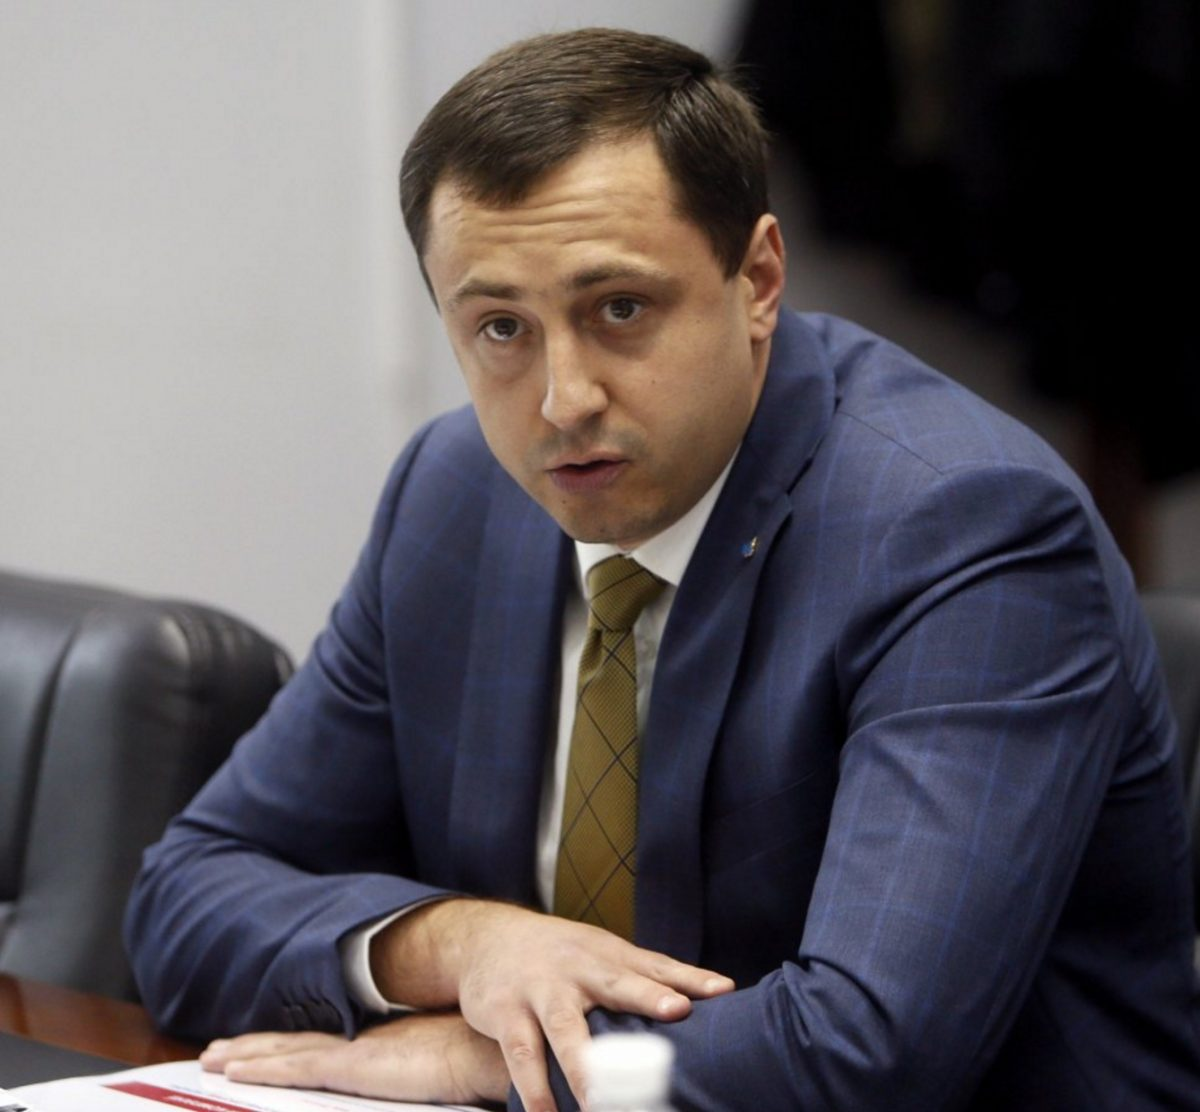 Голова правління «Надра України»: «Остаточне рішення щодо інвестора Юзівської площі прийме уряд»